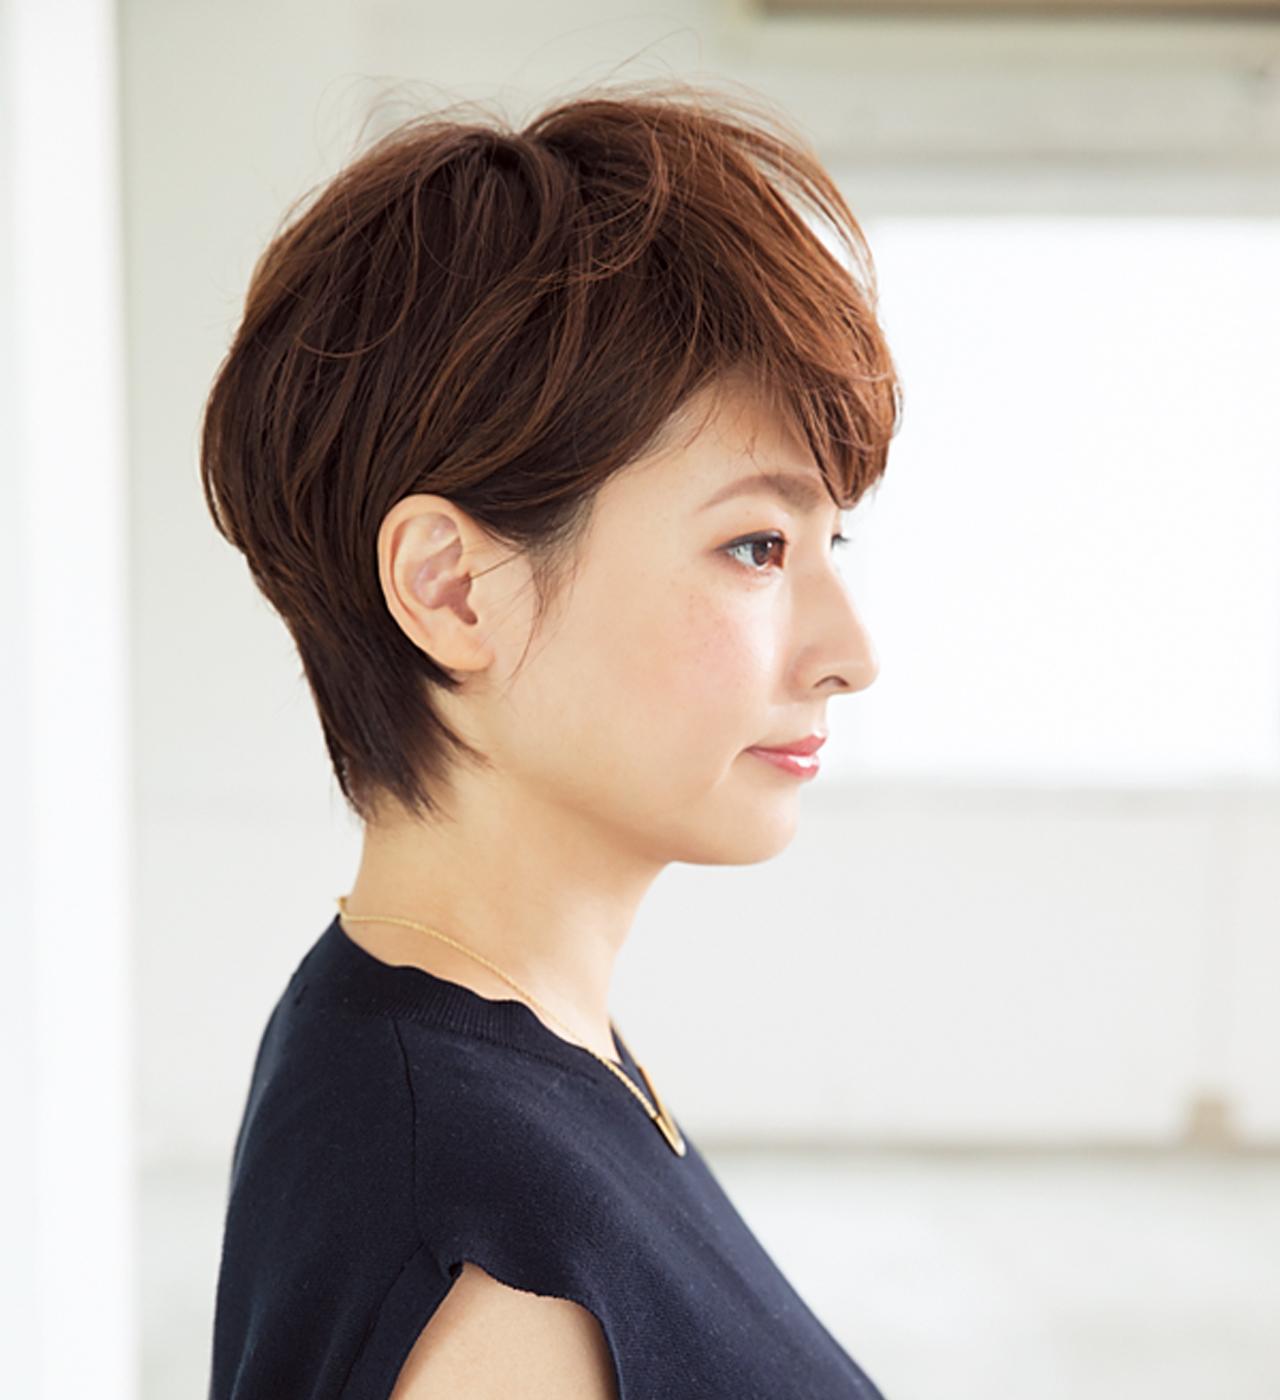 小顔効果のある「ひし形」フォルムはショートヘアの鉄板【40代のショートヘア】_1_2